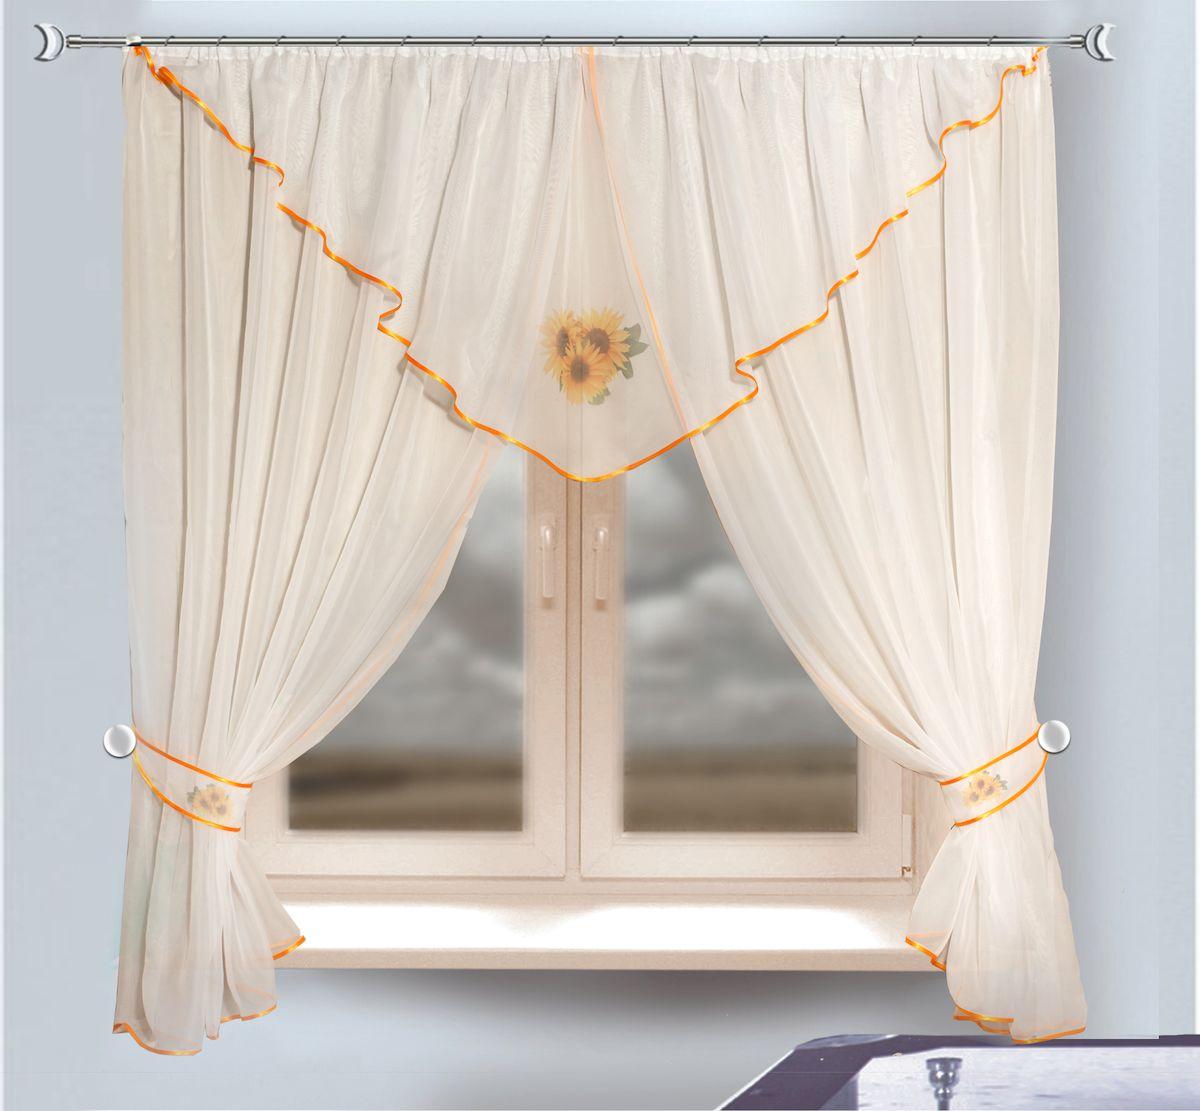 Комплект штор для кухни Zlata Korunka, на ленте, цвет: белый, высота 170 см. 333340CLP446Комплект штор для кухни Zlata Korunka, выполненный из полиэстера, великолепно украсит любое окно. Комплект состоит из ламбрекена, двух штор и двух подхватов. Принт с подсолнухам и приятная цветовая гамма привлекут к себе внимание и органично впишутся в интерьер помещения. Этот комплект будет долгое время радовать вас и вашу семью!Комплект крепится на карниз при помощи ленты, которая поможет красиво и равномерно задрапировать верх.В комплект входит: Ламбрекен: 1 шт. Размер (Ш х В): 280 х 75 см. Штора: 2 шт. Размер (Ш х В): 140 х 170 см.Подхват: 2 шт.